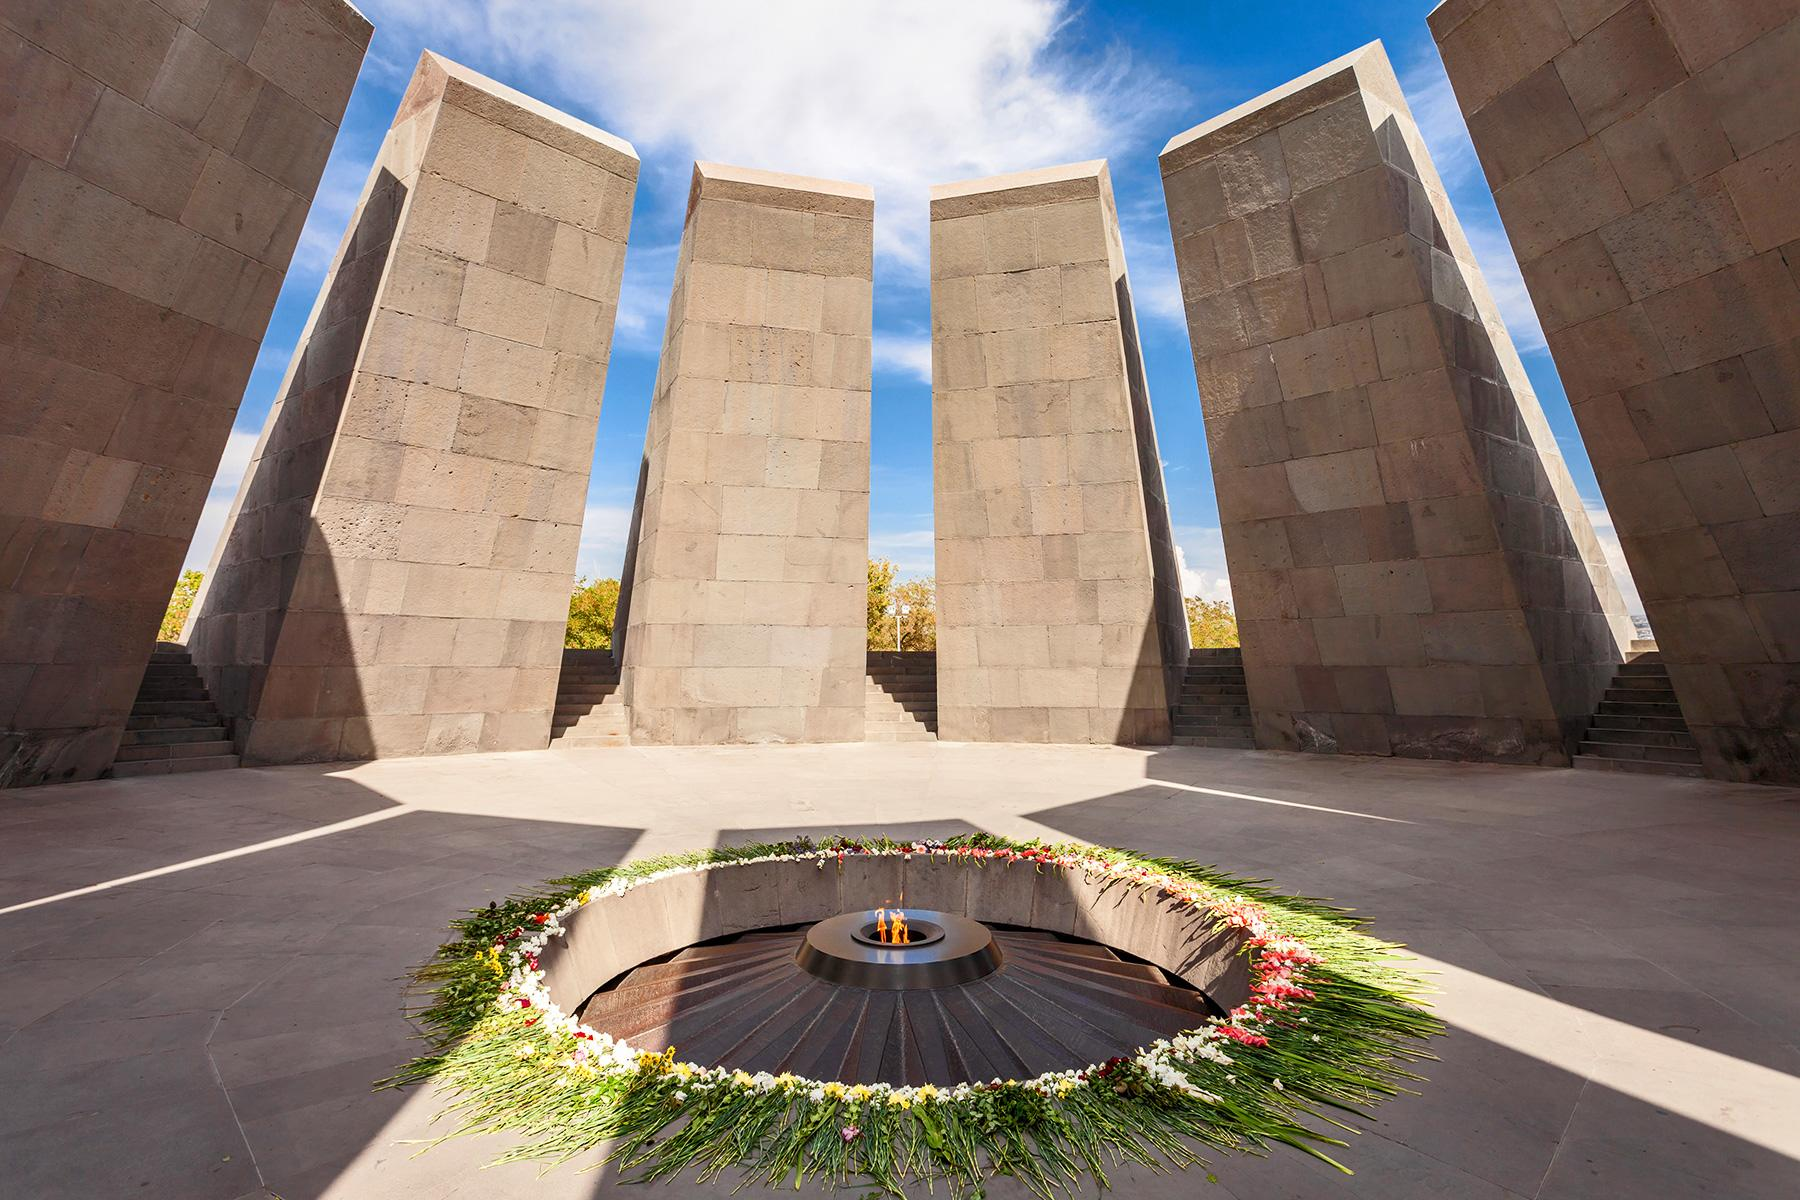 15_YervanArmenia_ArmenianGenocideMemorial_shutterstock_662745523_1